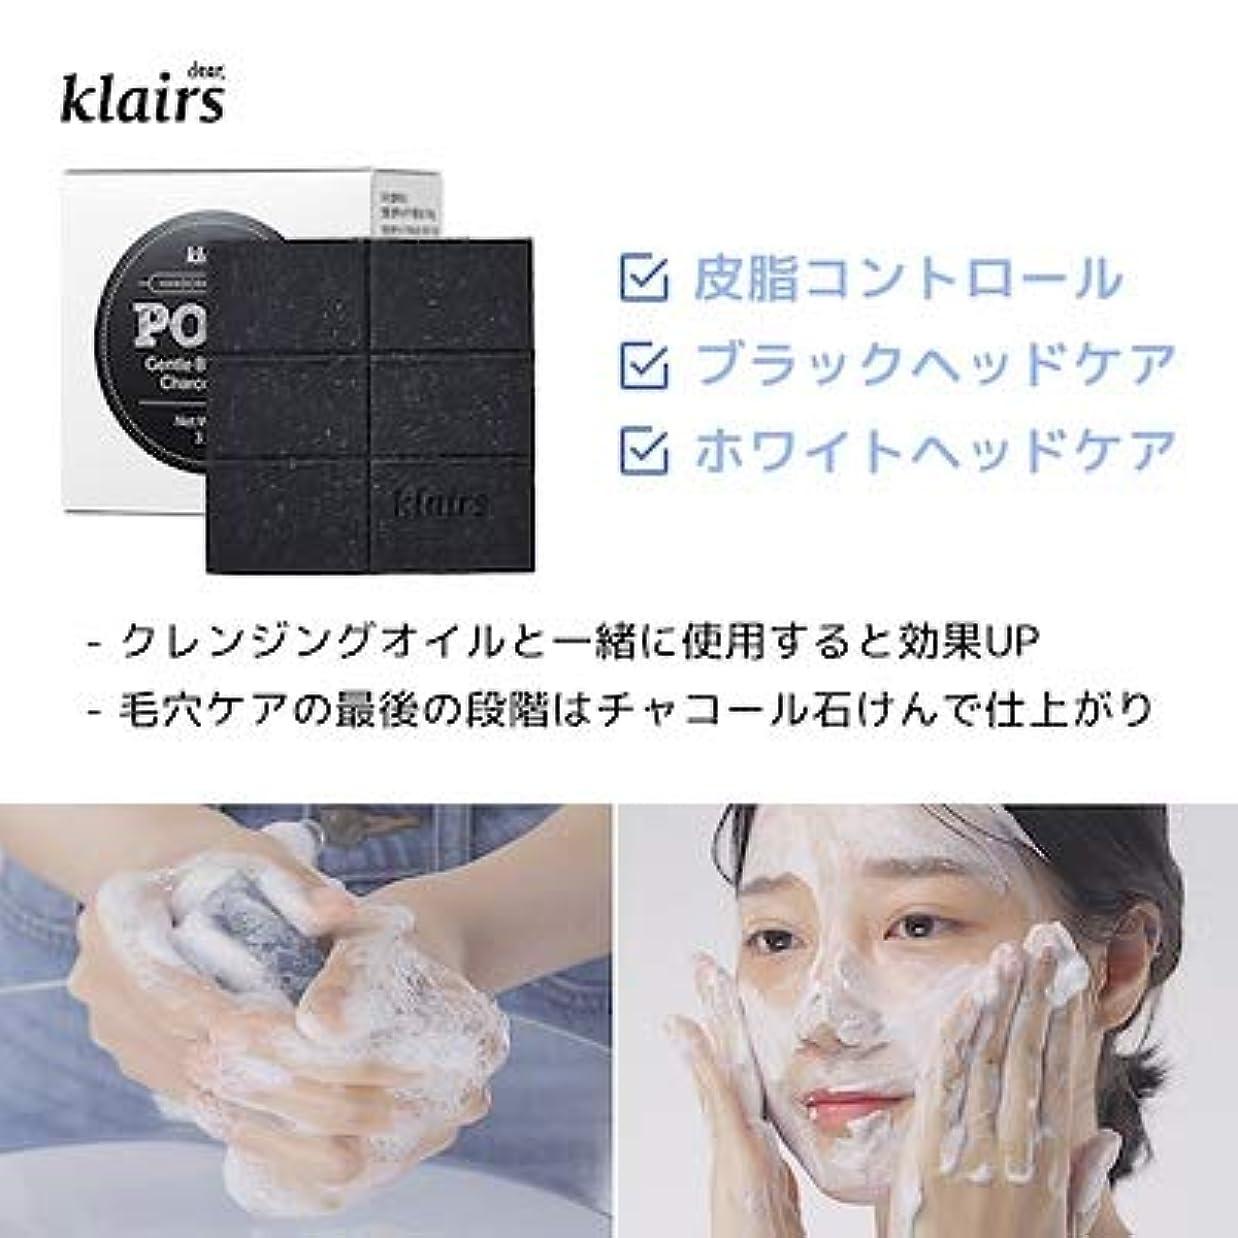 ホバートひばり再生的KLAIRS(クレアズ) ジェントルブラックシュガーチャコール石けん, Gentle Black Sugar Charcol Soap 120g [並行輸入品]